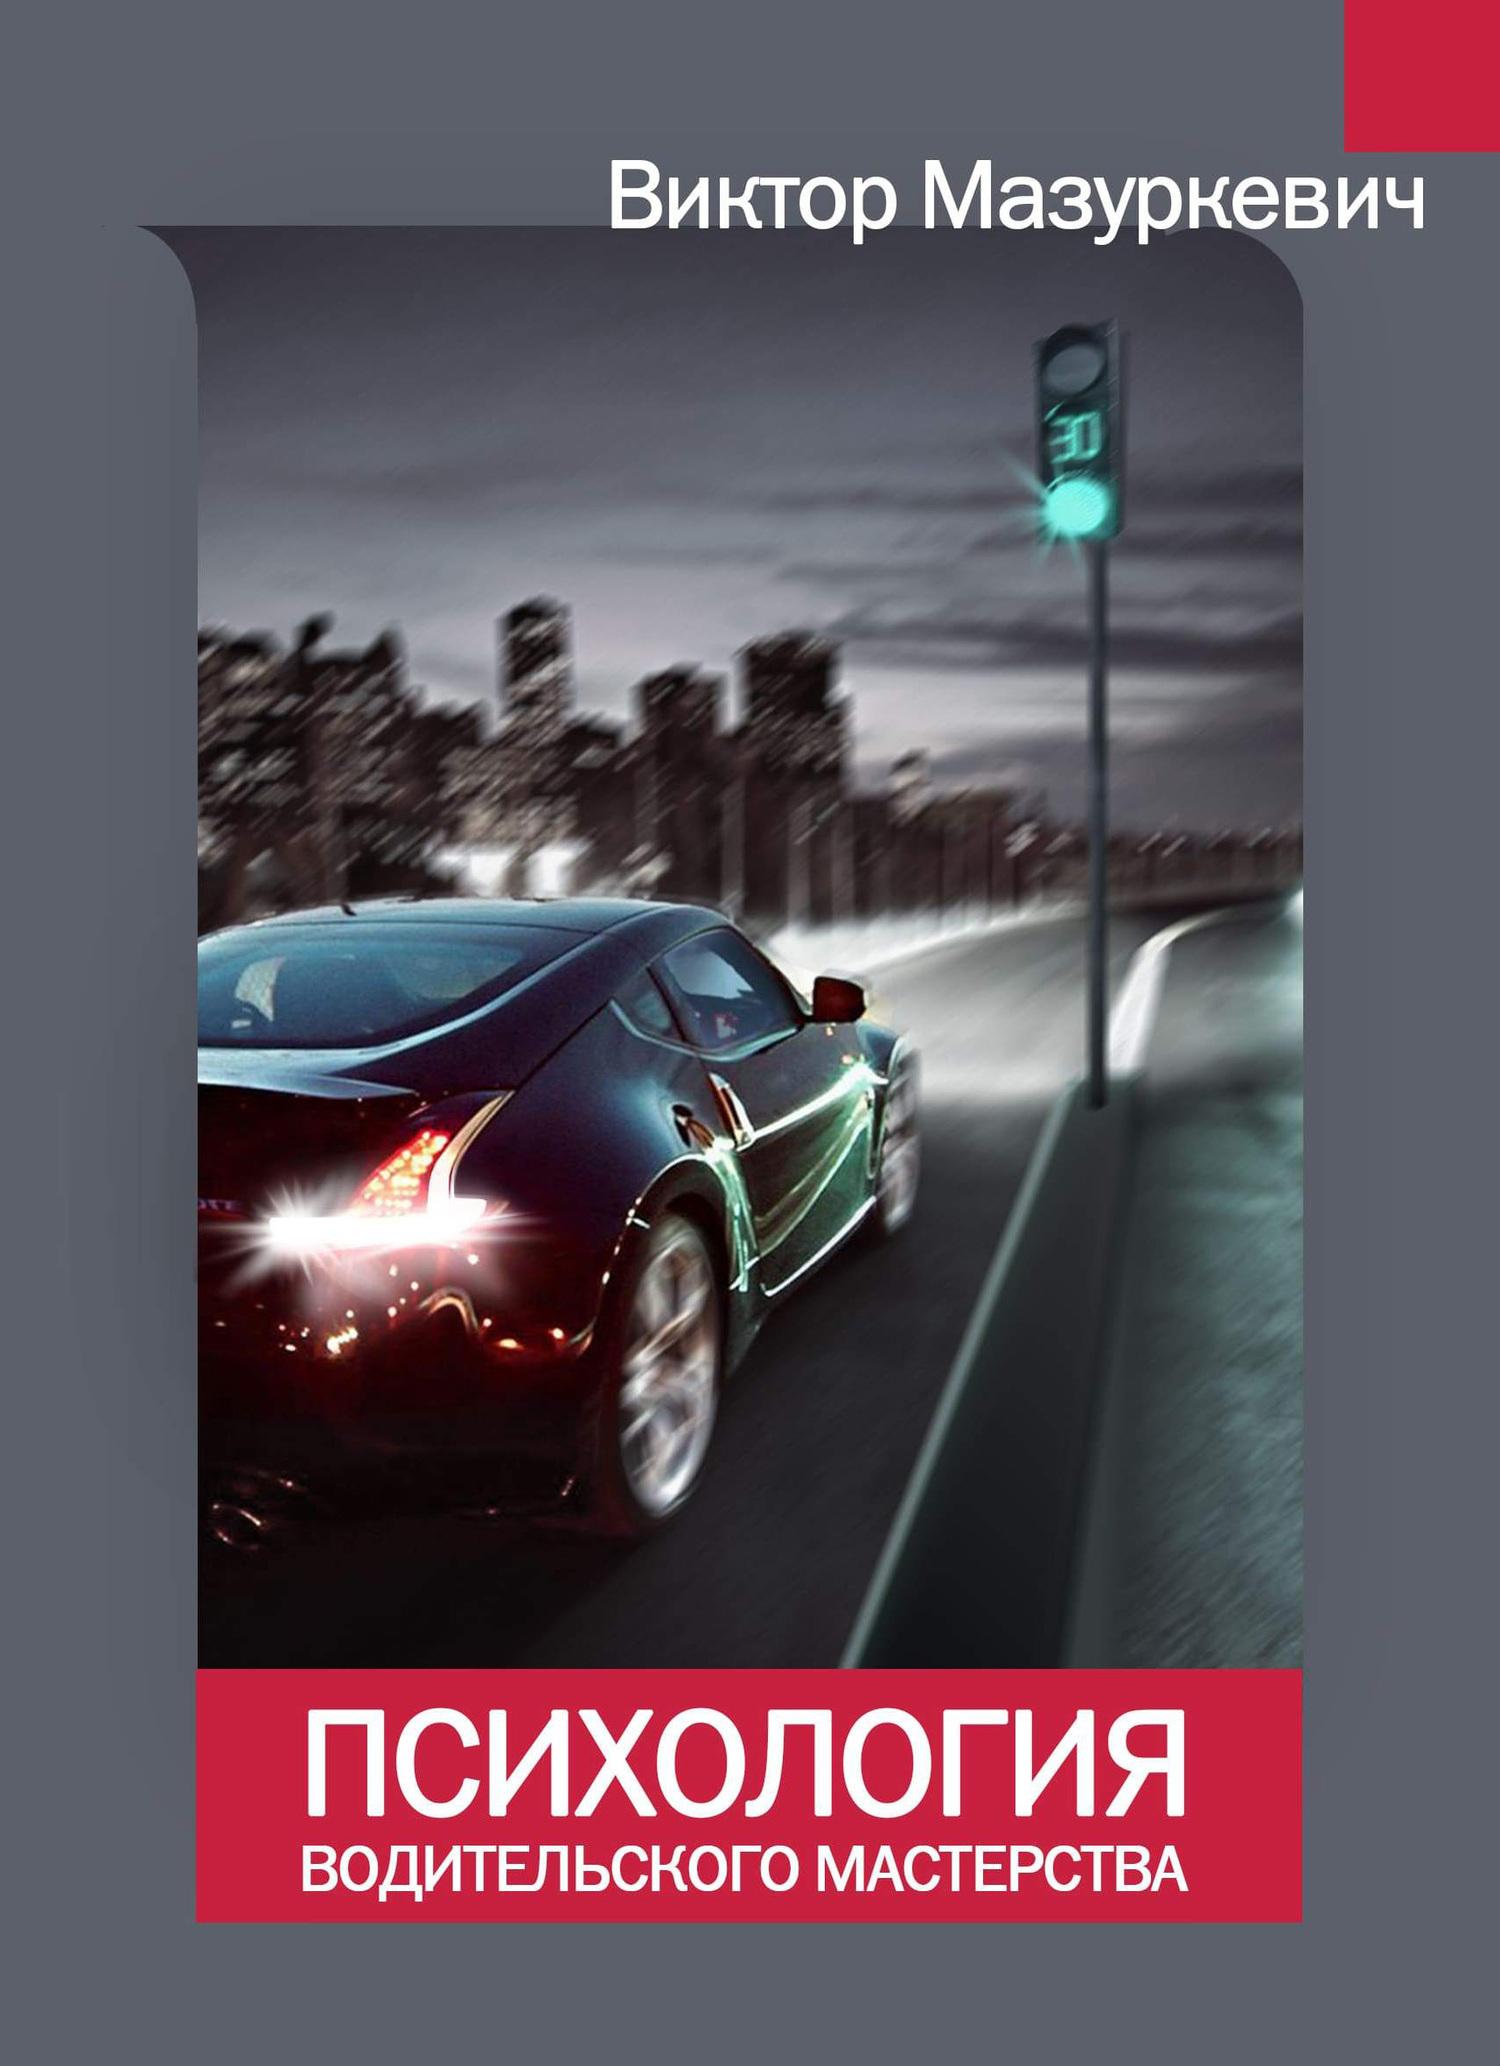 Виктор Мазуркевич. Психология водительского мастерства